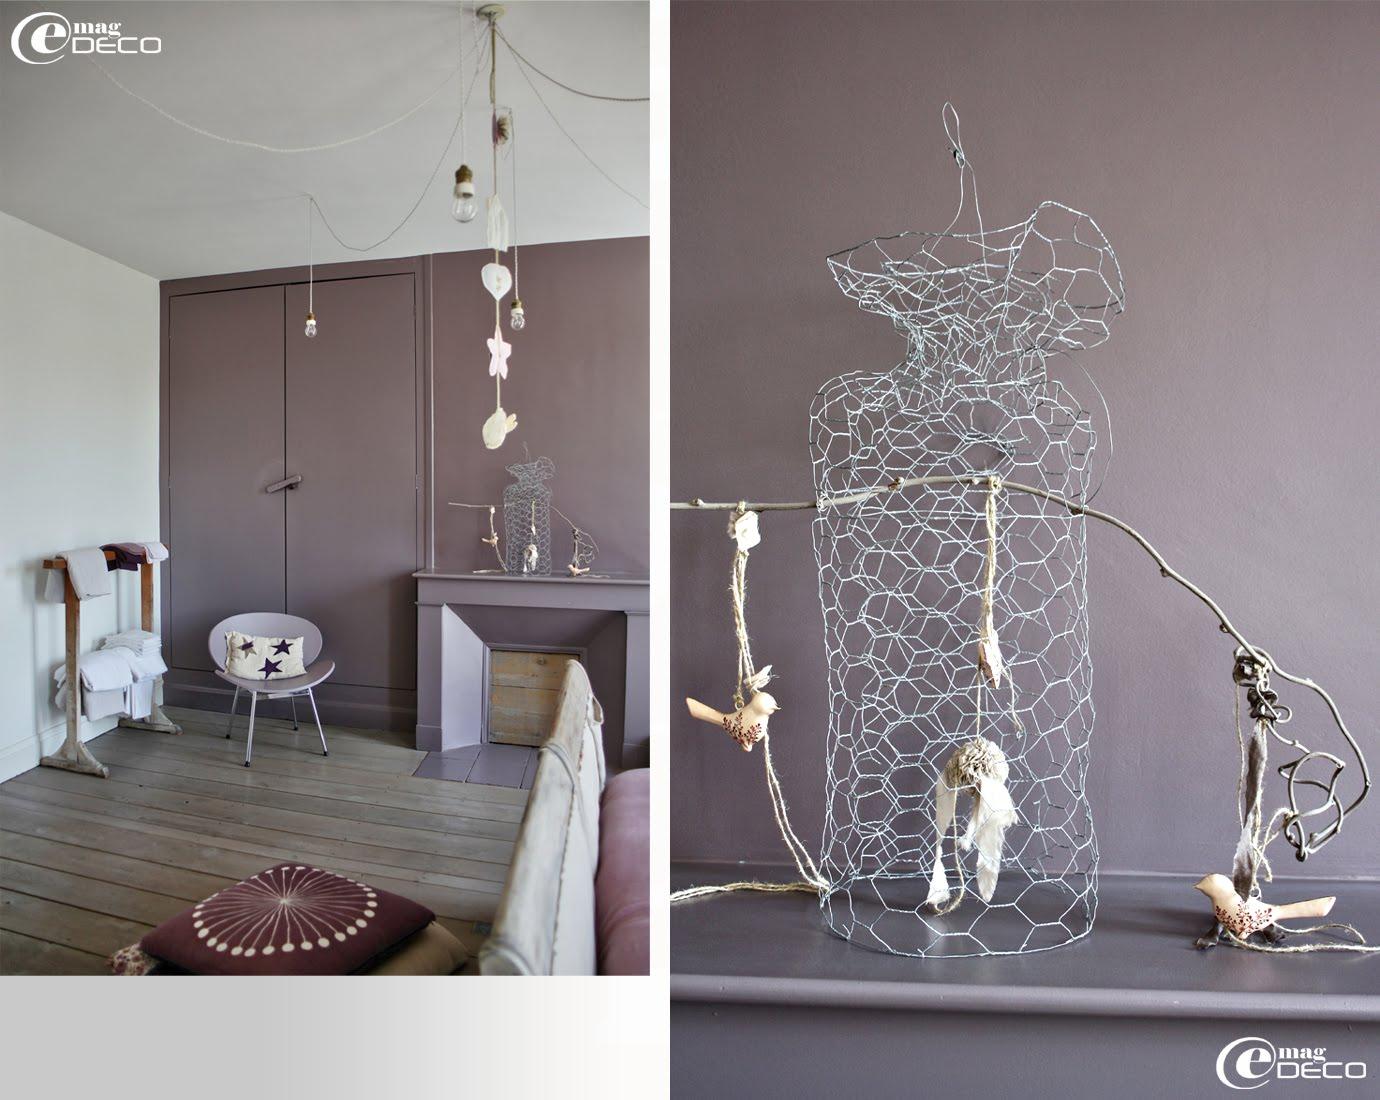 Une cage en grillage de fil de fer, des oiseaux en tissu, une création Béatrice Loncle